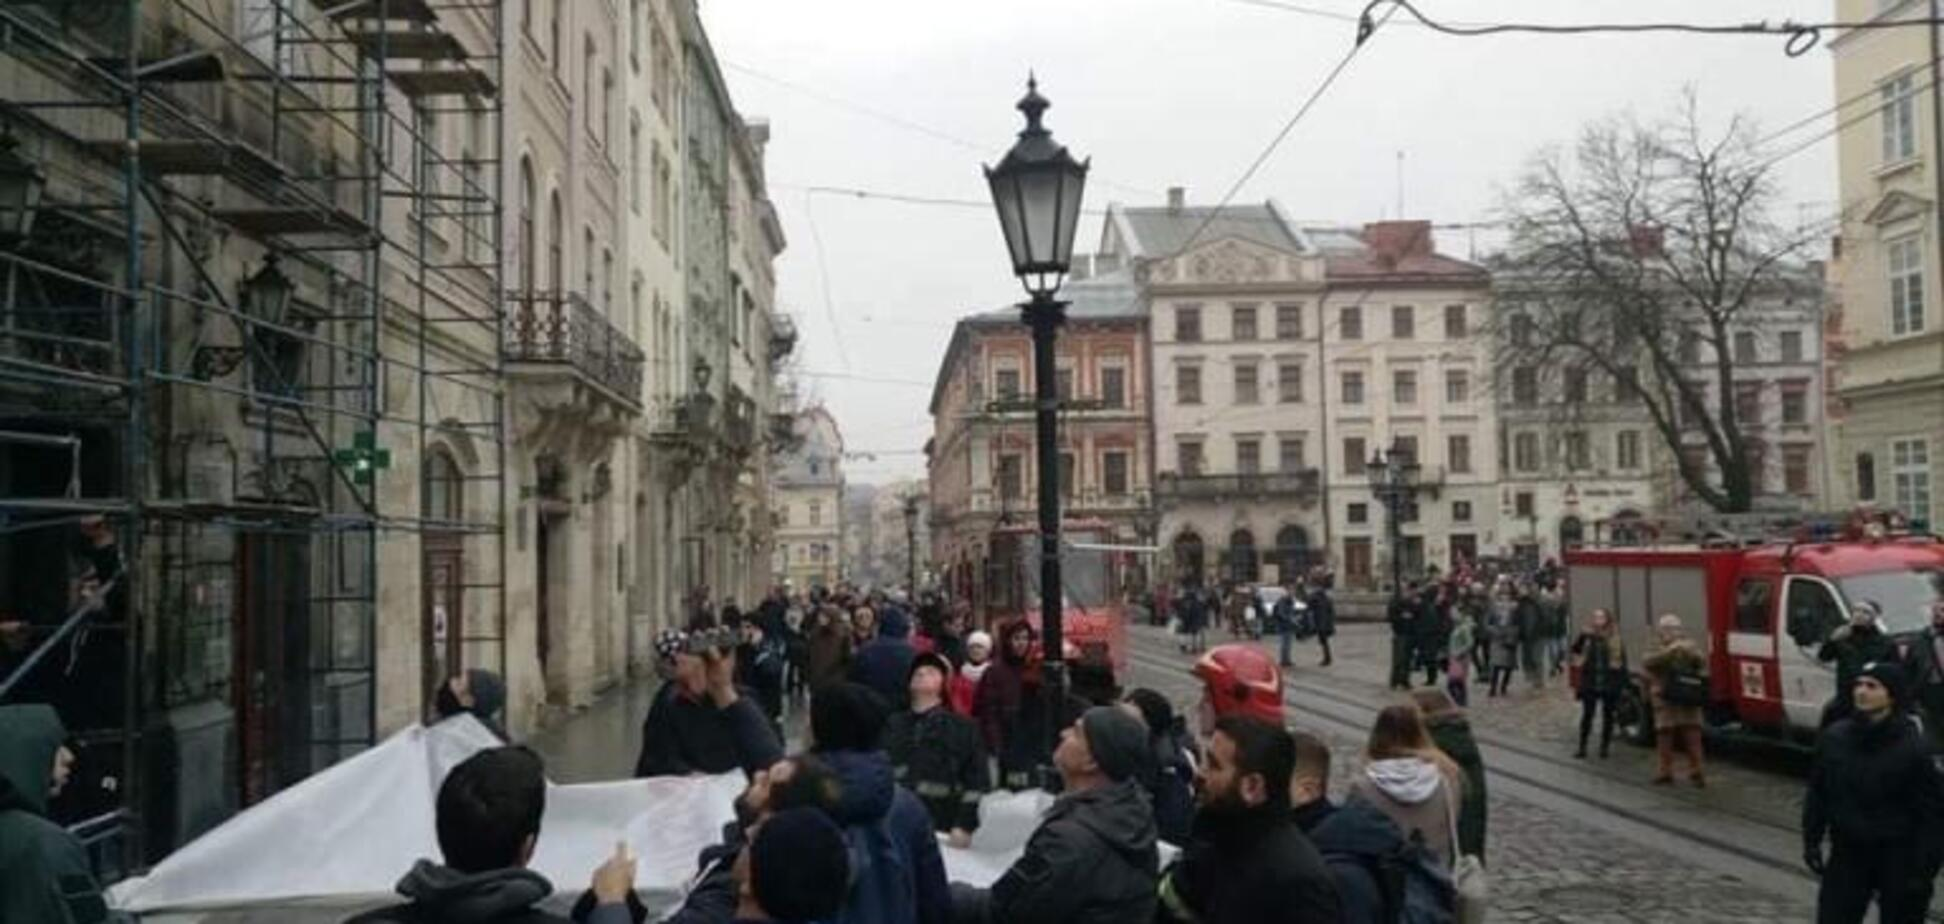 В центре Львова иностранец пытался покончить с собой, спрыгнув с крыши: фото и видео